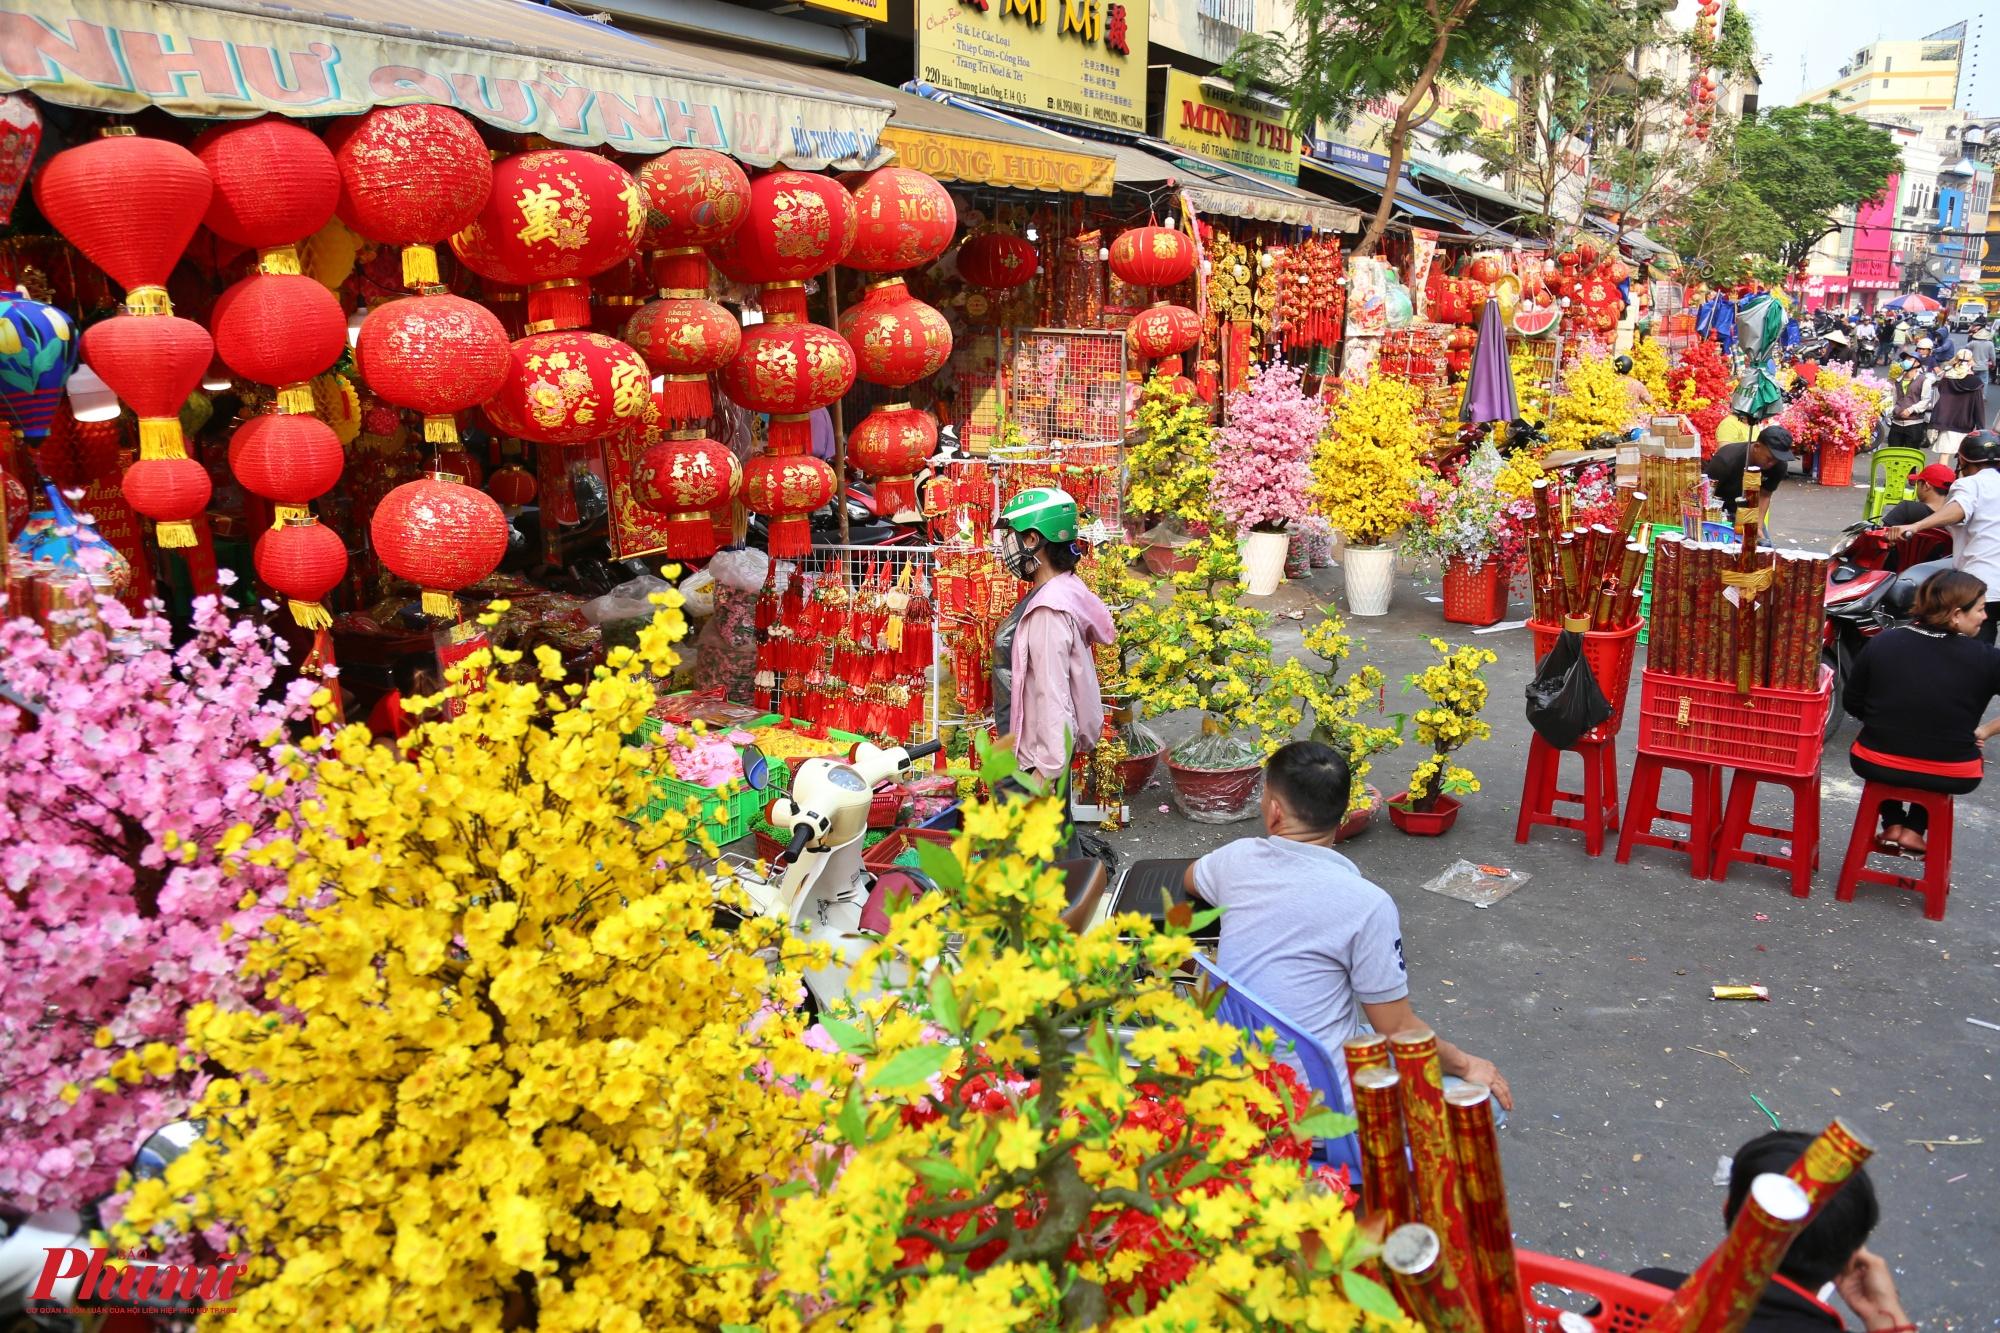 Từ hàng chục năm qua, các cửa hàng bán đồ trang trí Tết dọc hai bên đường Hải Thượng Lãn Ông, quận 5 đã có, cứ mỗi dịp Tết đến xuân về là con đường này lại tấp nập người mua kẻ bán.